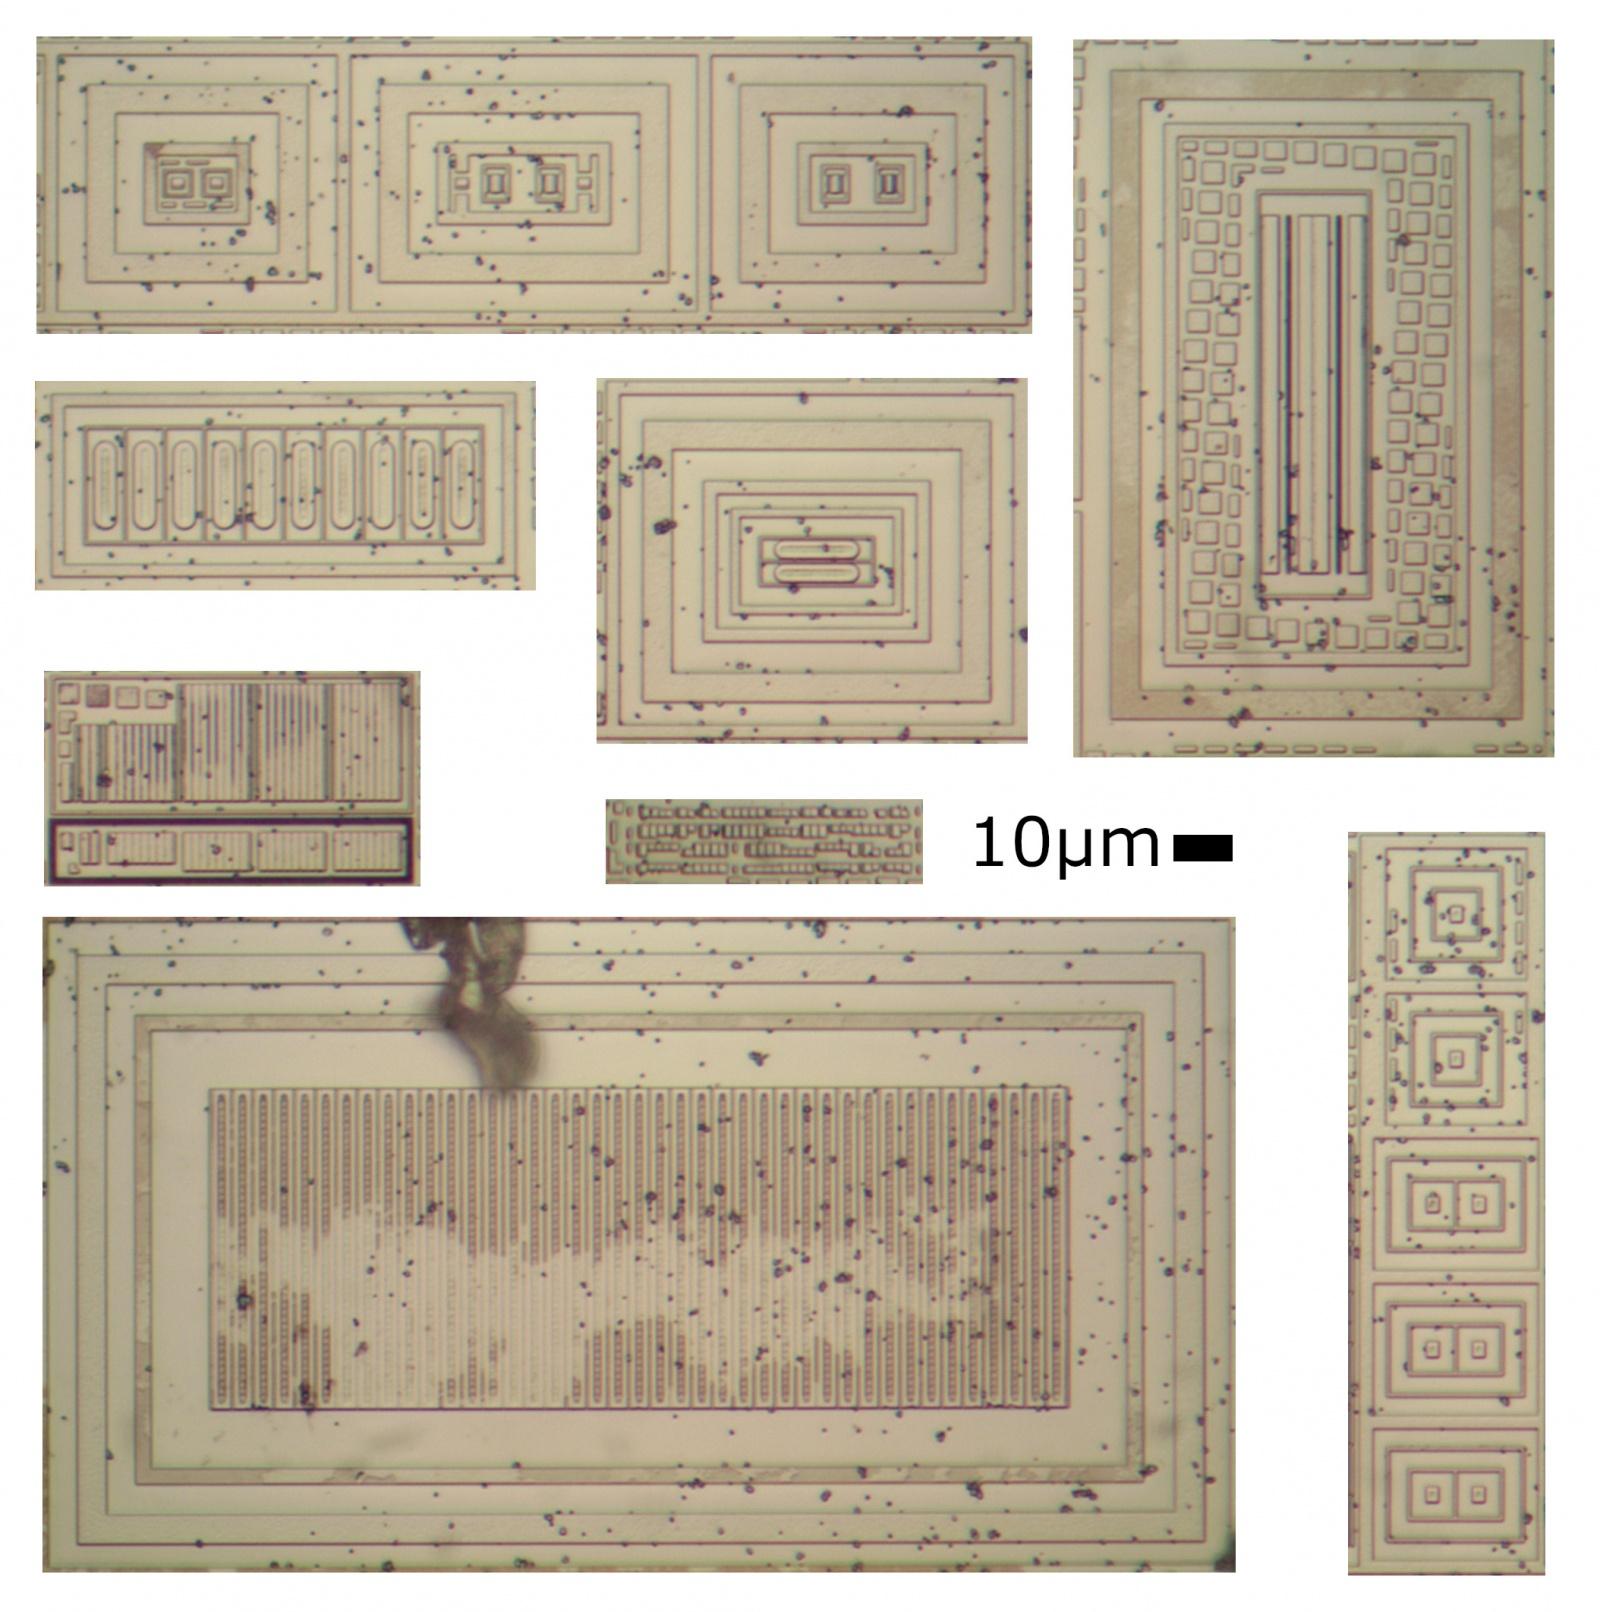 Вскрываем чип гальванической развязки с крохотным трансформатором внутри - 15